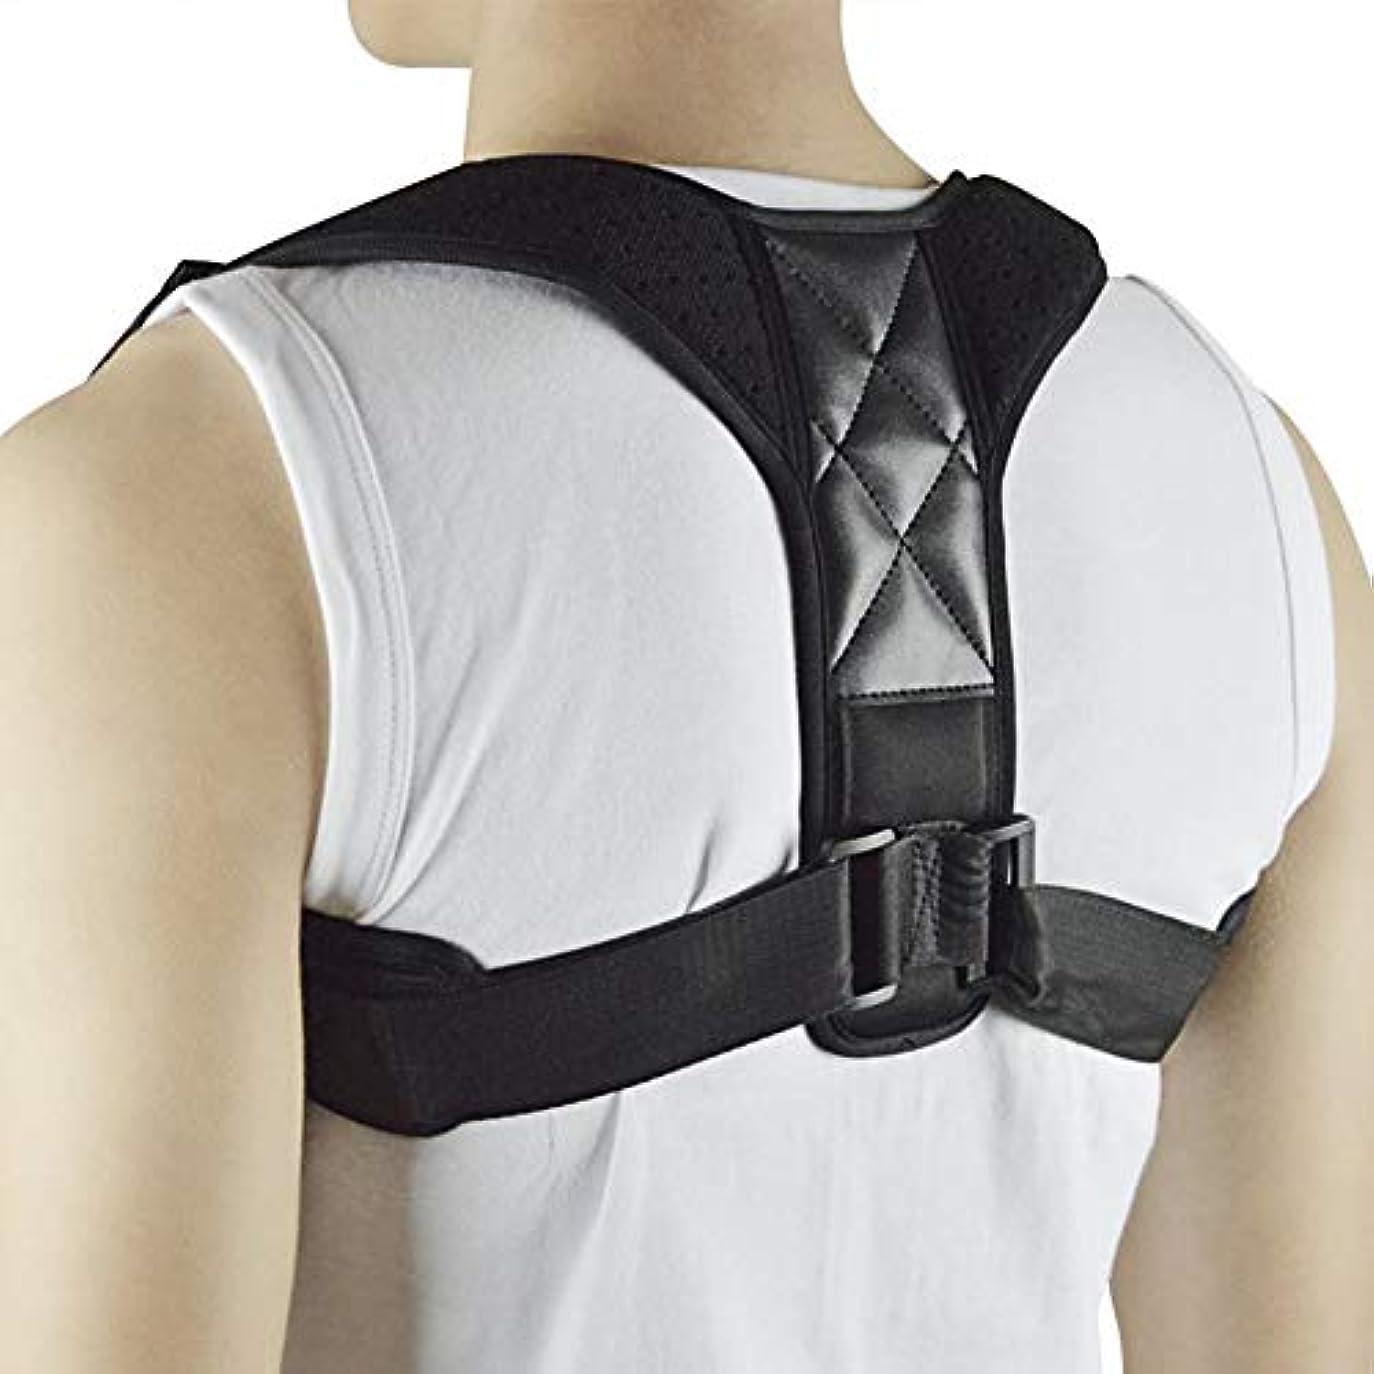 十一スペイン語ラウズWT-C734ザトウクジラ矯正ベルト大人の脊椎背部固定子の背部矯正 - 多色アドバンス